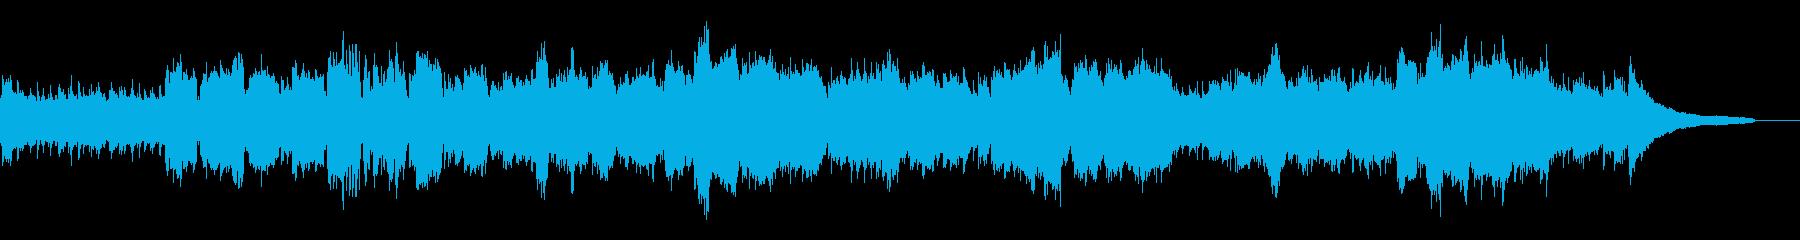 やわらかであたたかな日常BGMの再生済みの波形